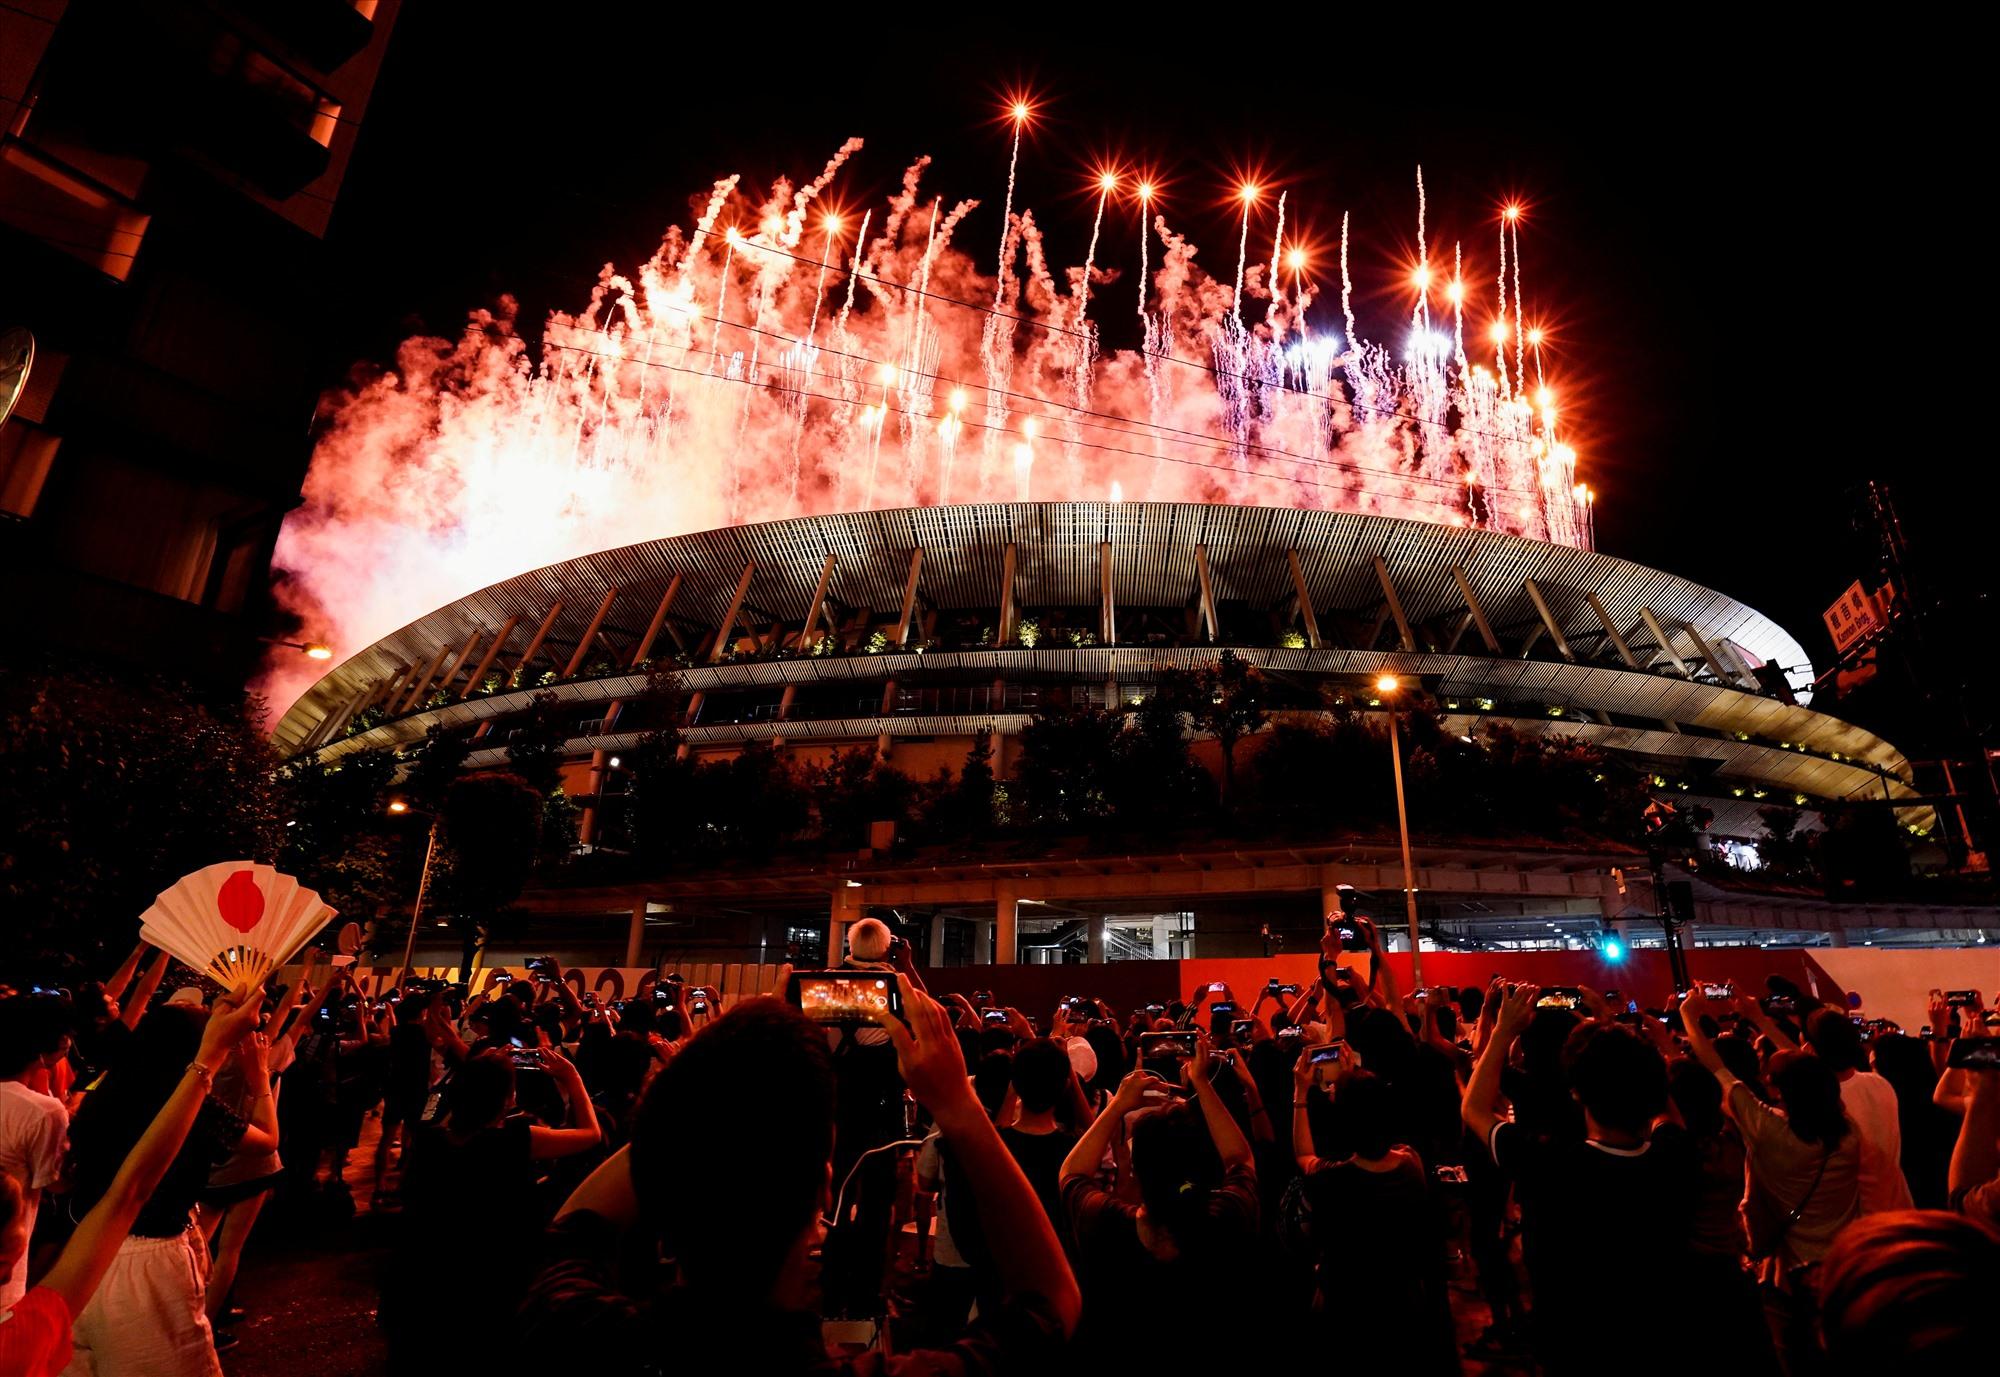 Không được vào sân để trực tiếp theo dõi buổi lễ khai mạc, nhiều người vẫn háo hức ghi lại những hình ảnh ngoạn mục ngay từ bên ngoài sân vận động Olympic. Ảnh: Reuters